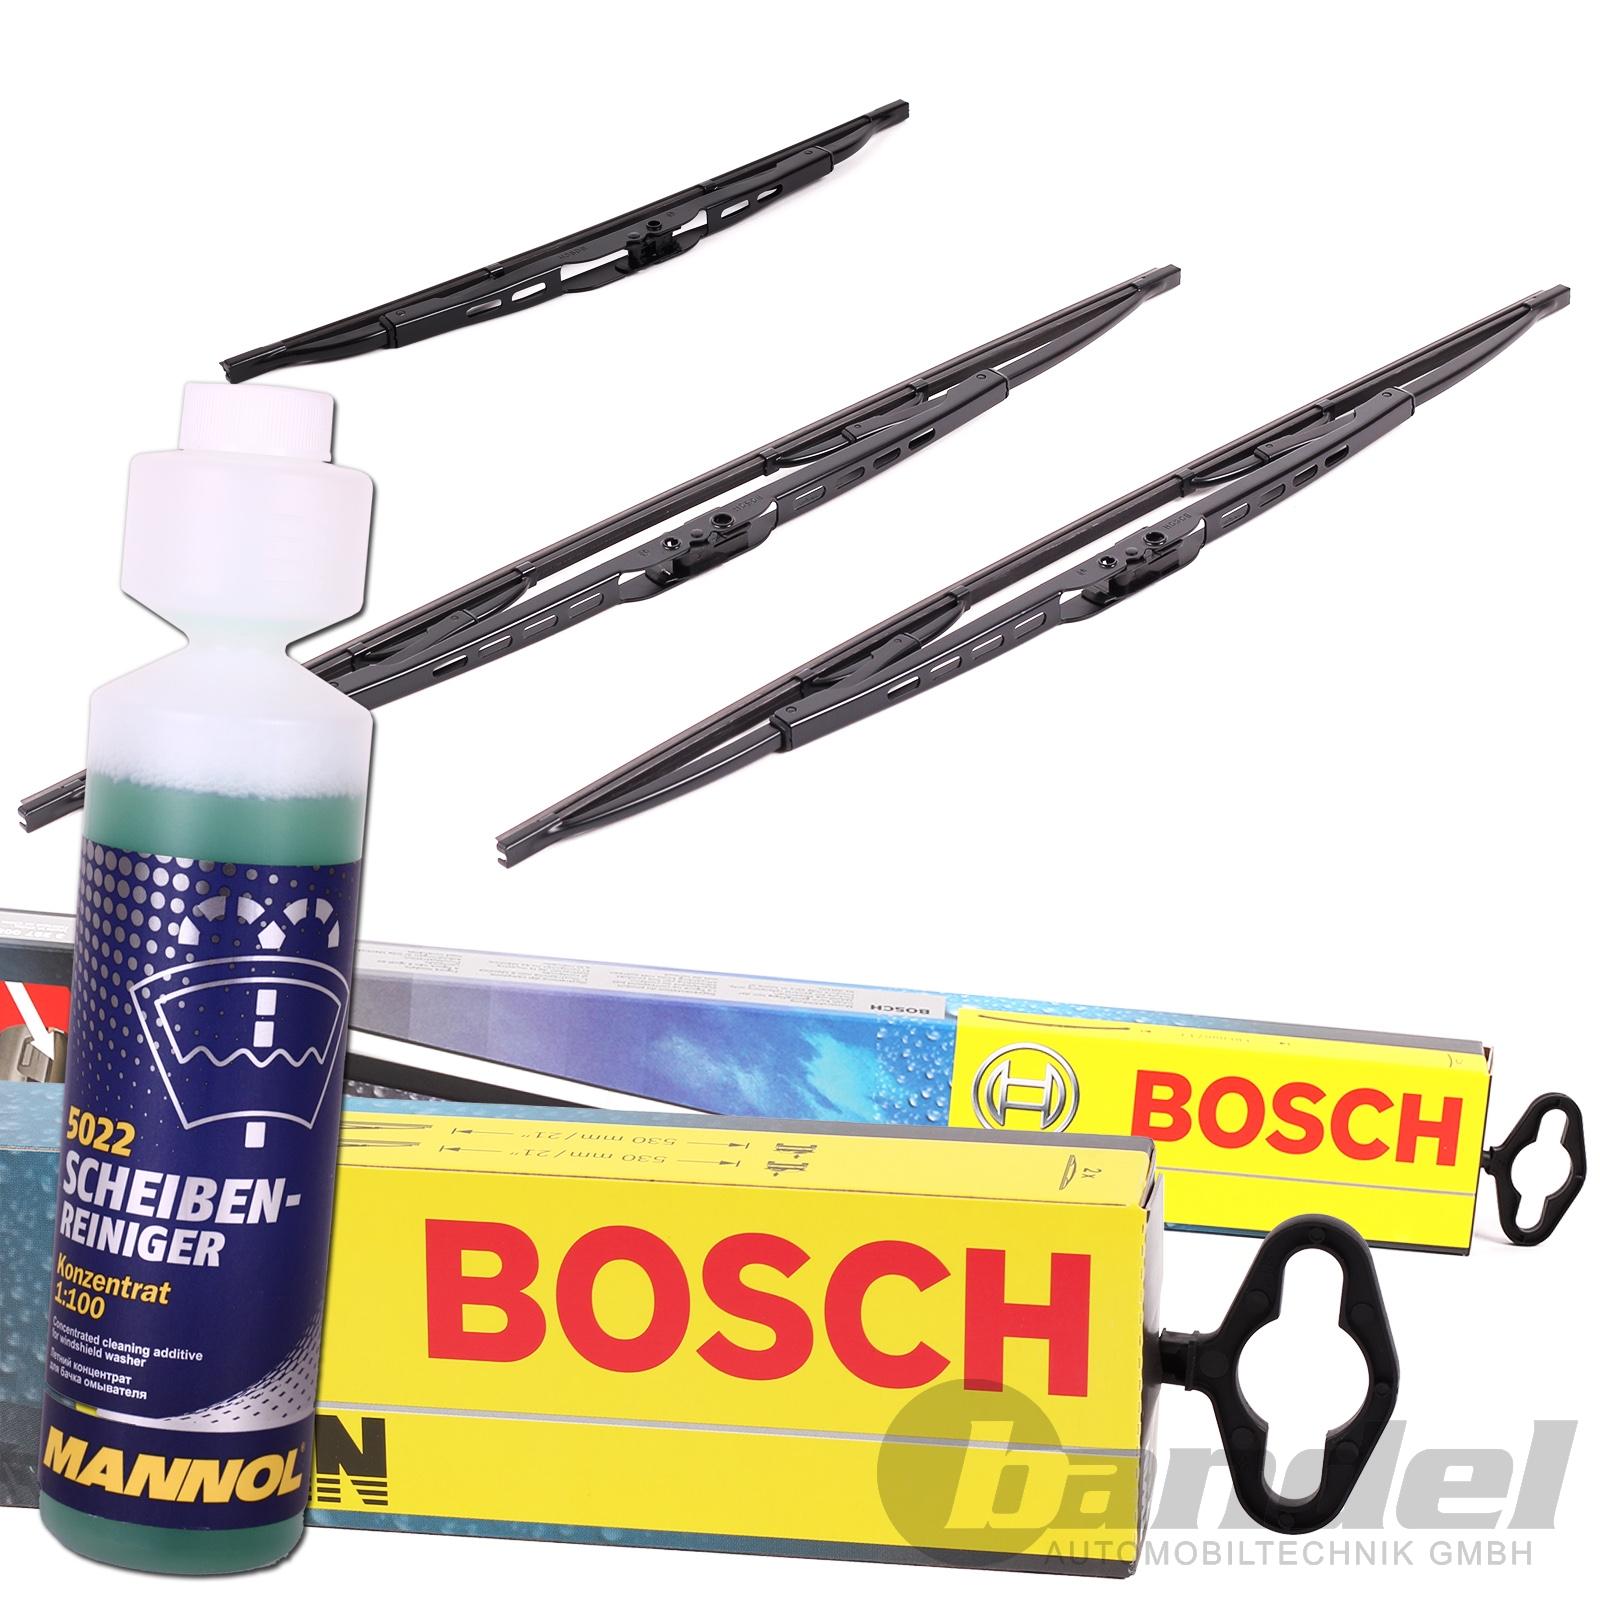 bosch twin 605 vorne heckwischer h304 reiniger toyota. Black Bedroom Furniture Sets. Home Design Ideas